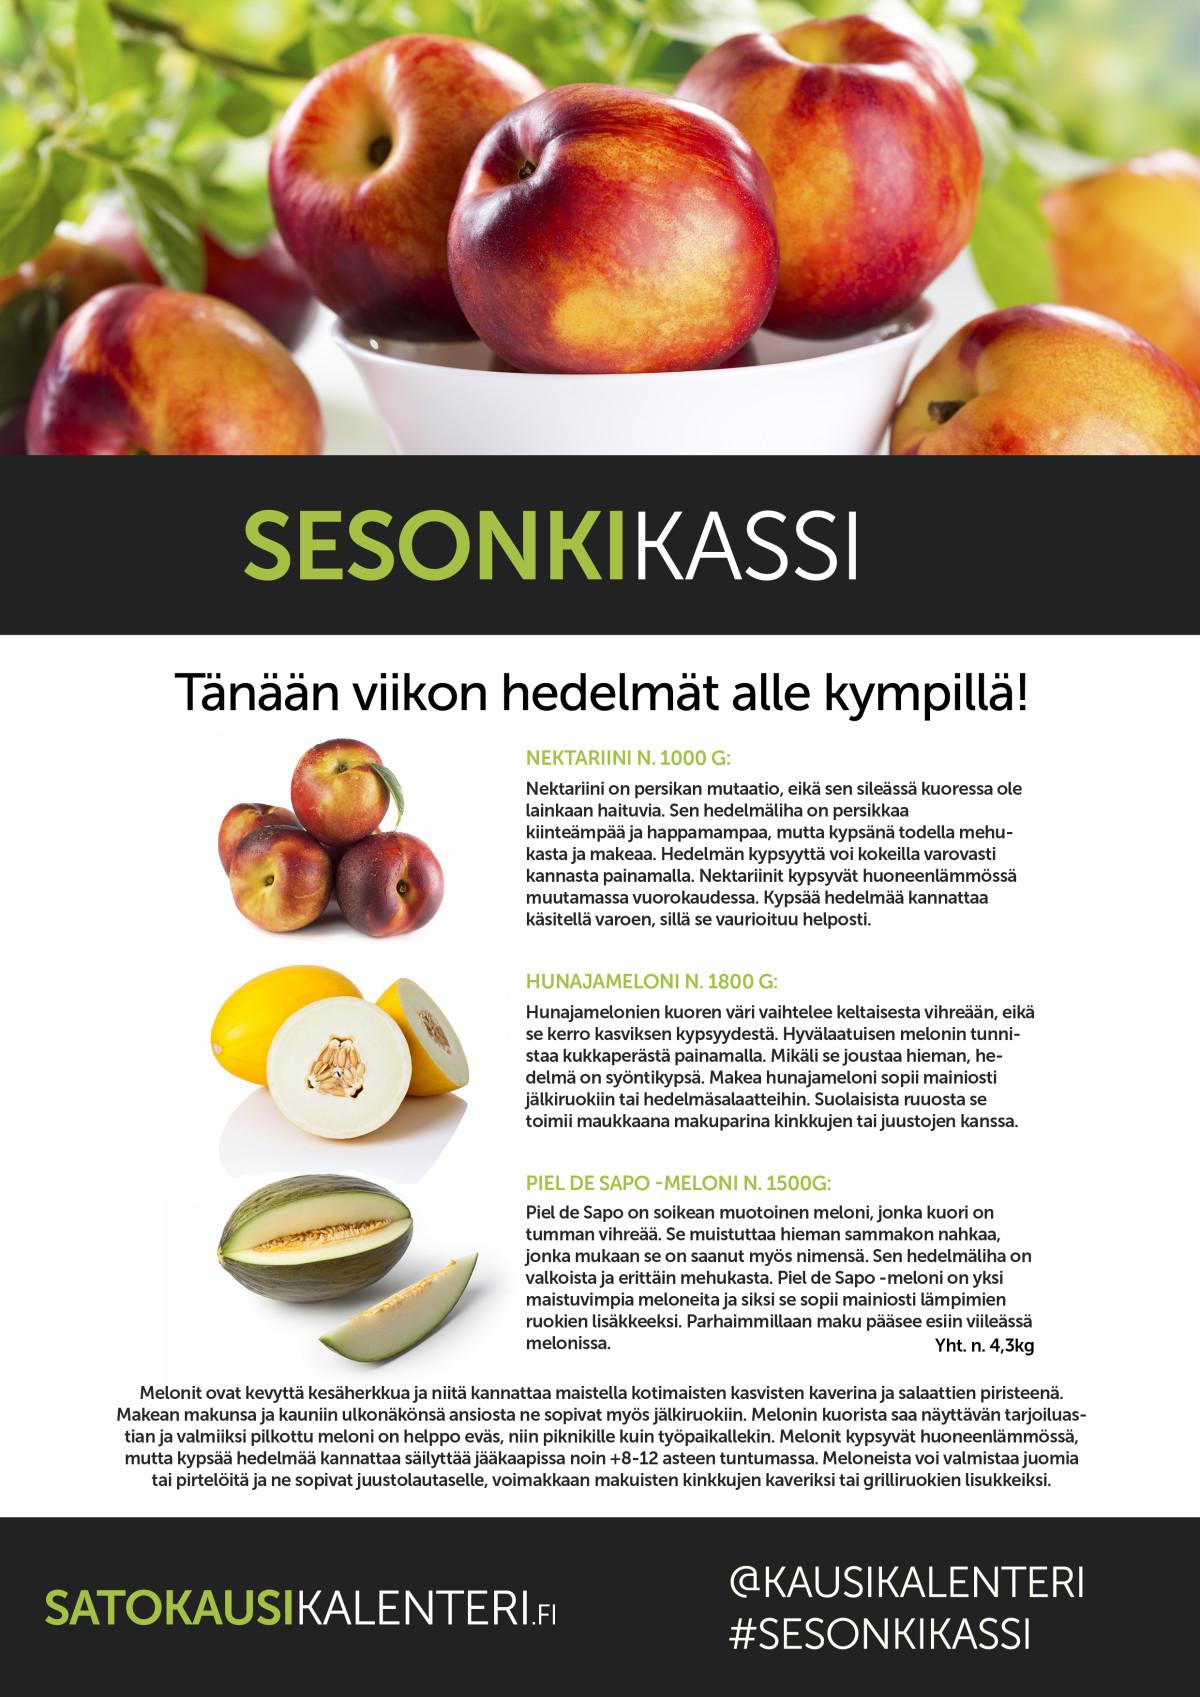 K-Supermarket Postitalon Sesonkikassin sisältö 12.6.2015